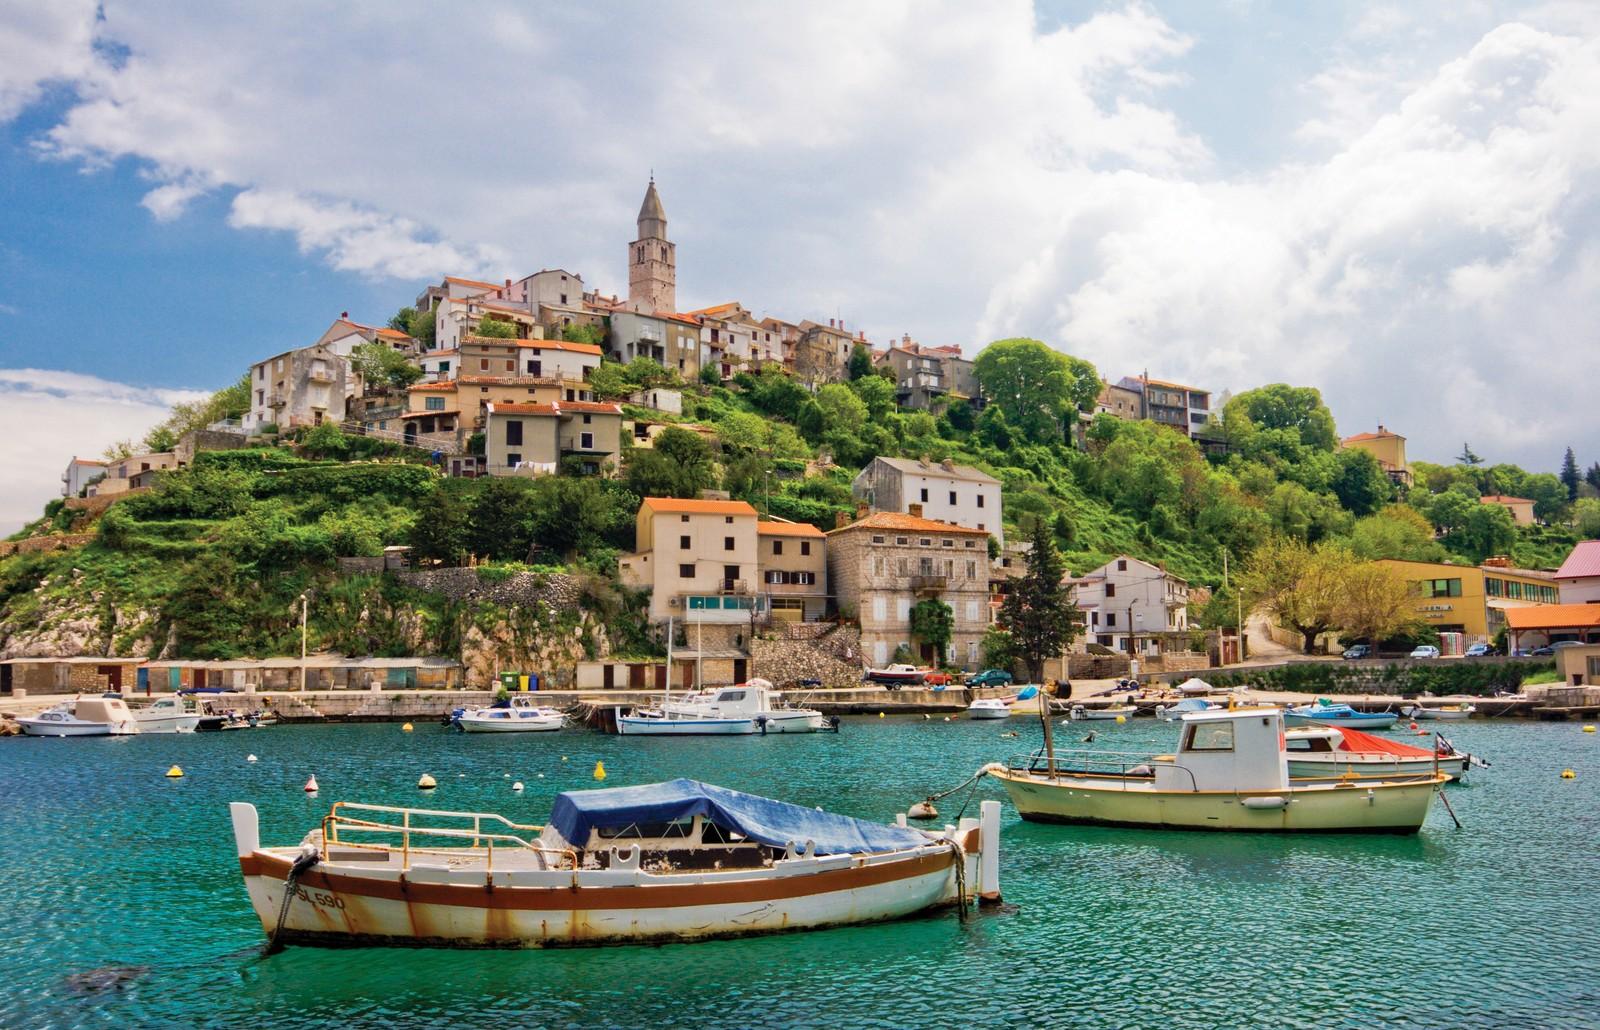 Май в Хорватии знаменует начало пляжного сезона, но в воду лезут лишь самые отчаянные